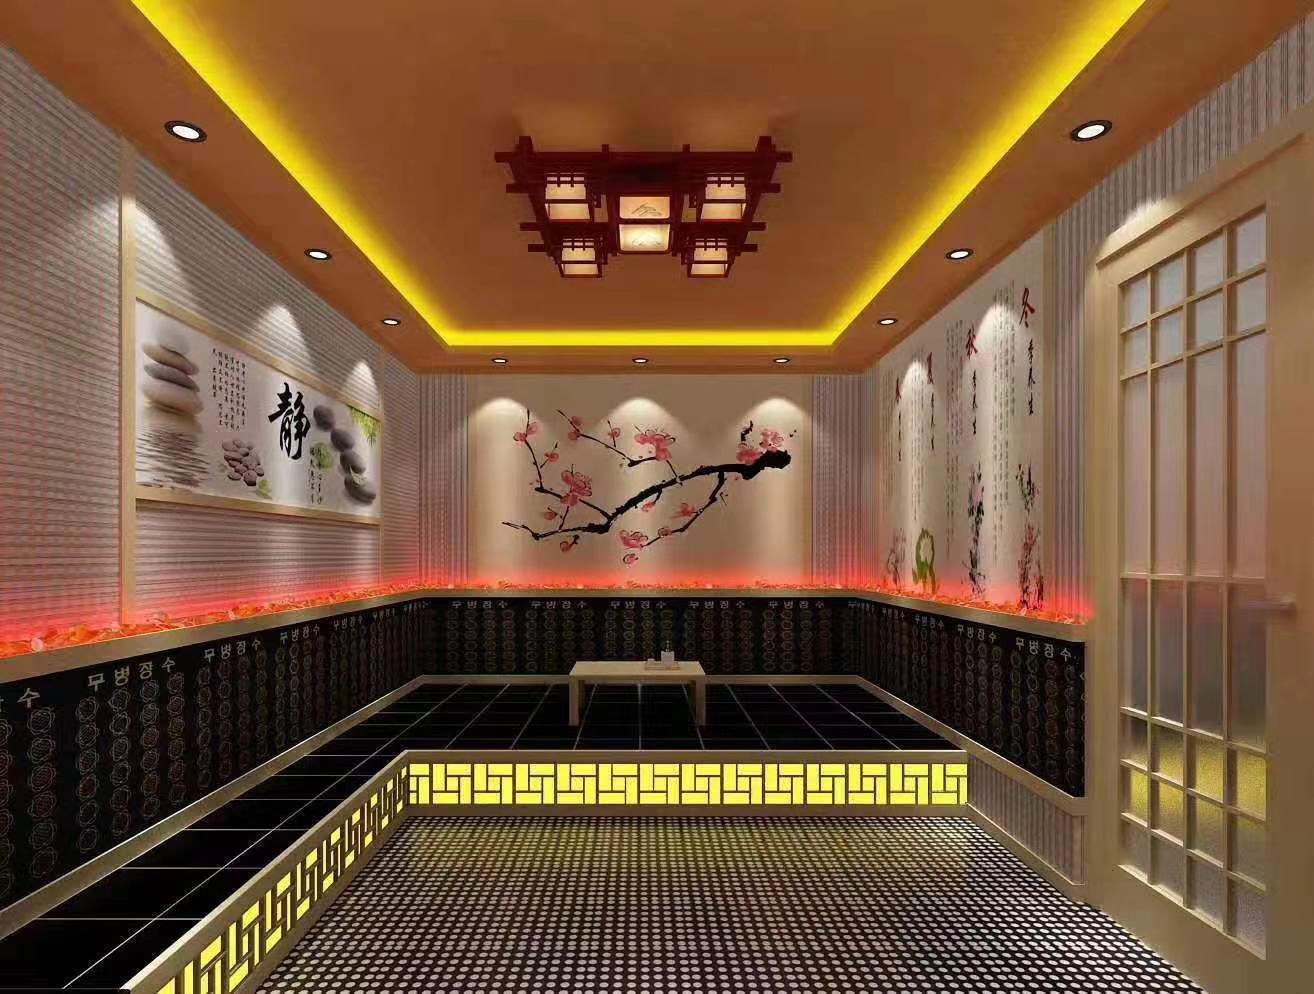 安徽汗蒸房安装公司新安装案例